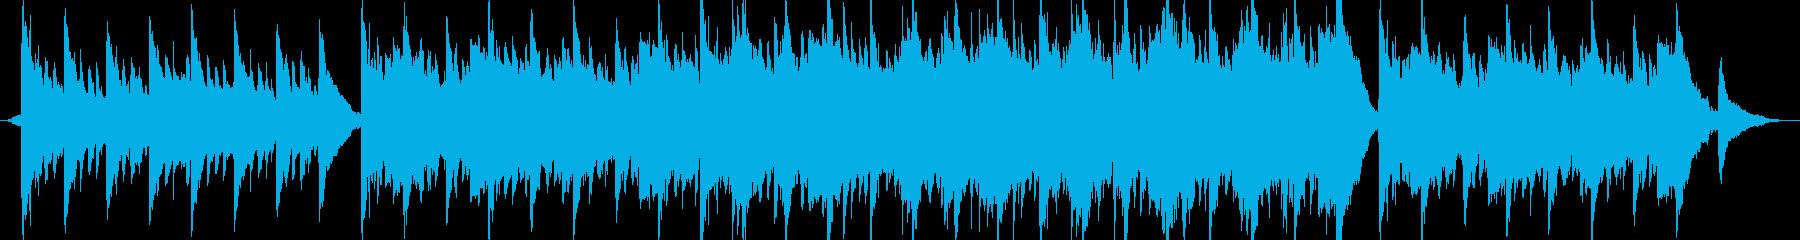 室内楽 クラシック交響曲 厳Sol...の再生済みの波形